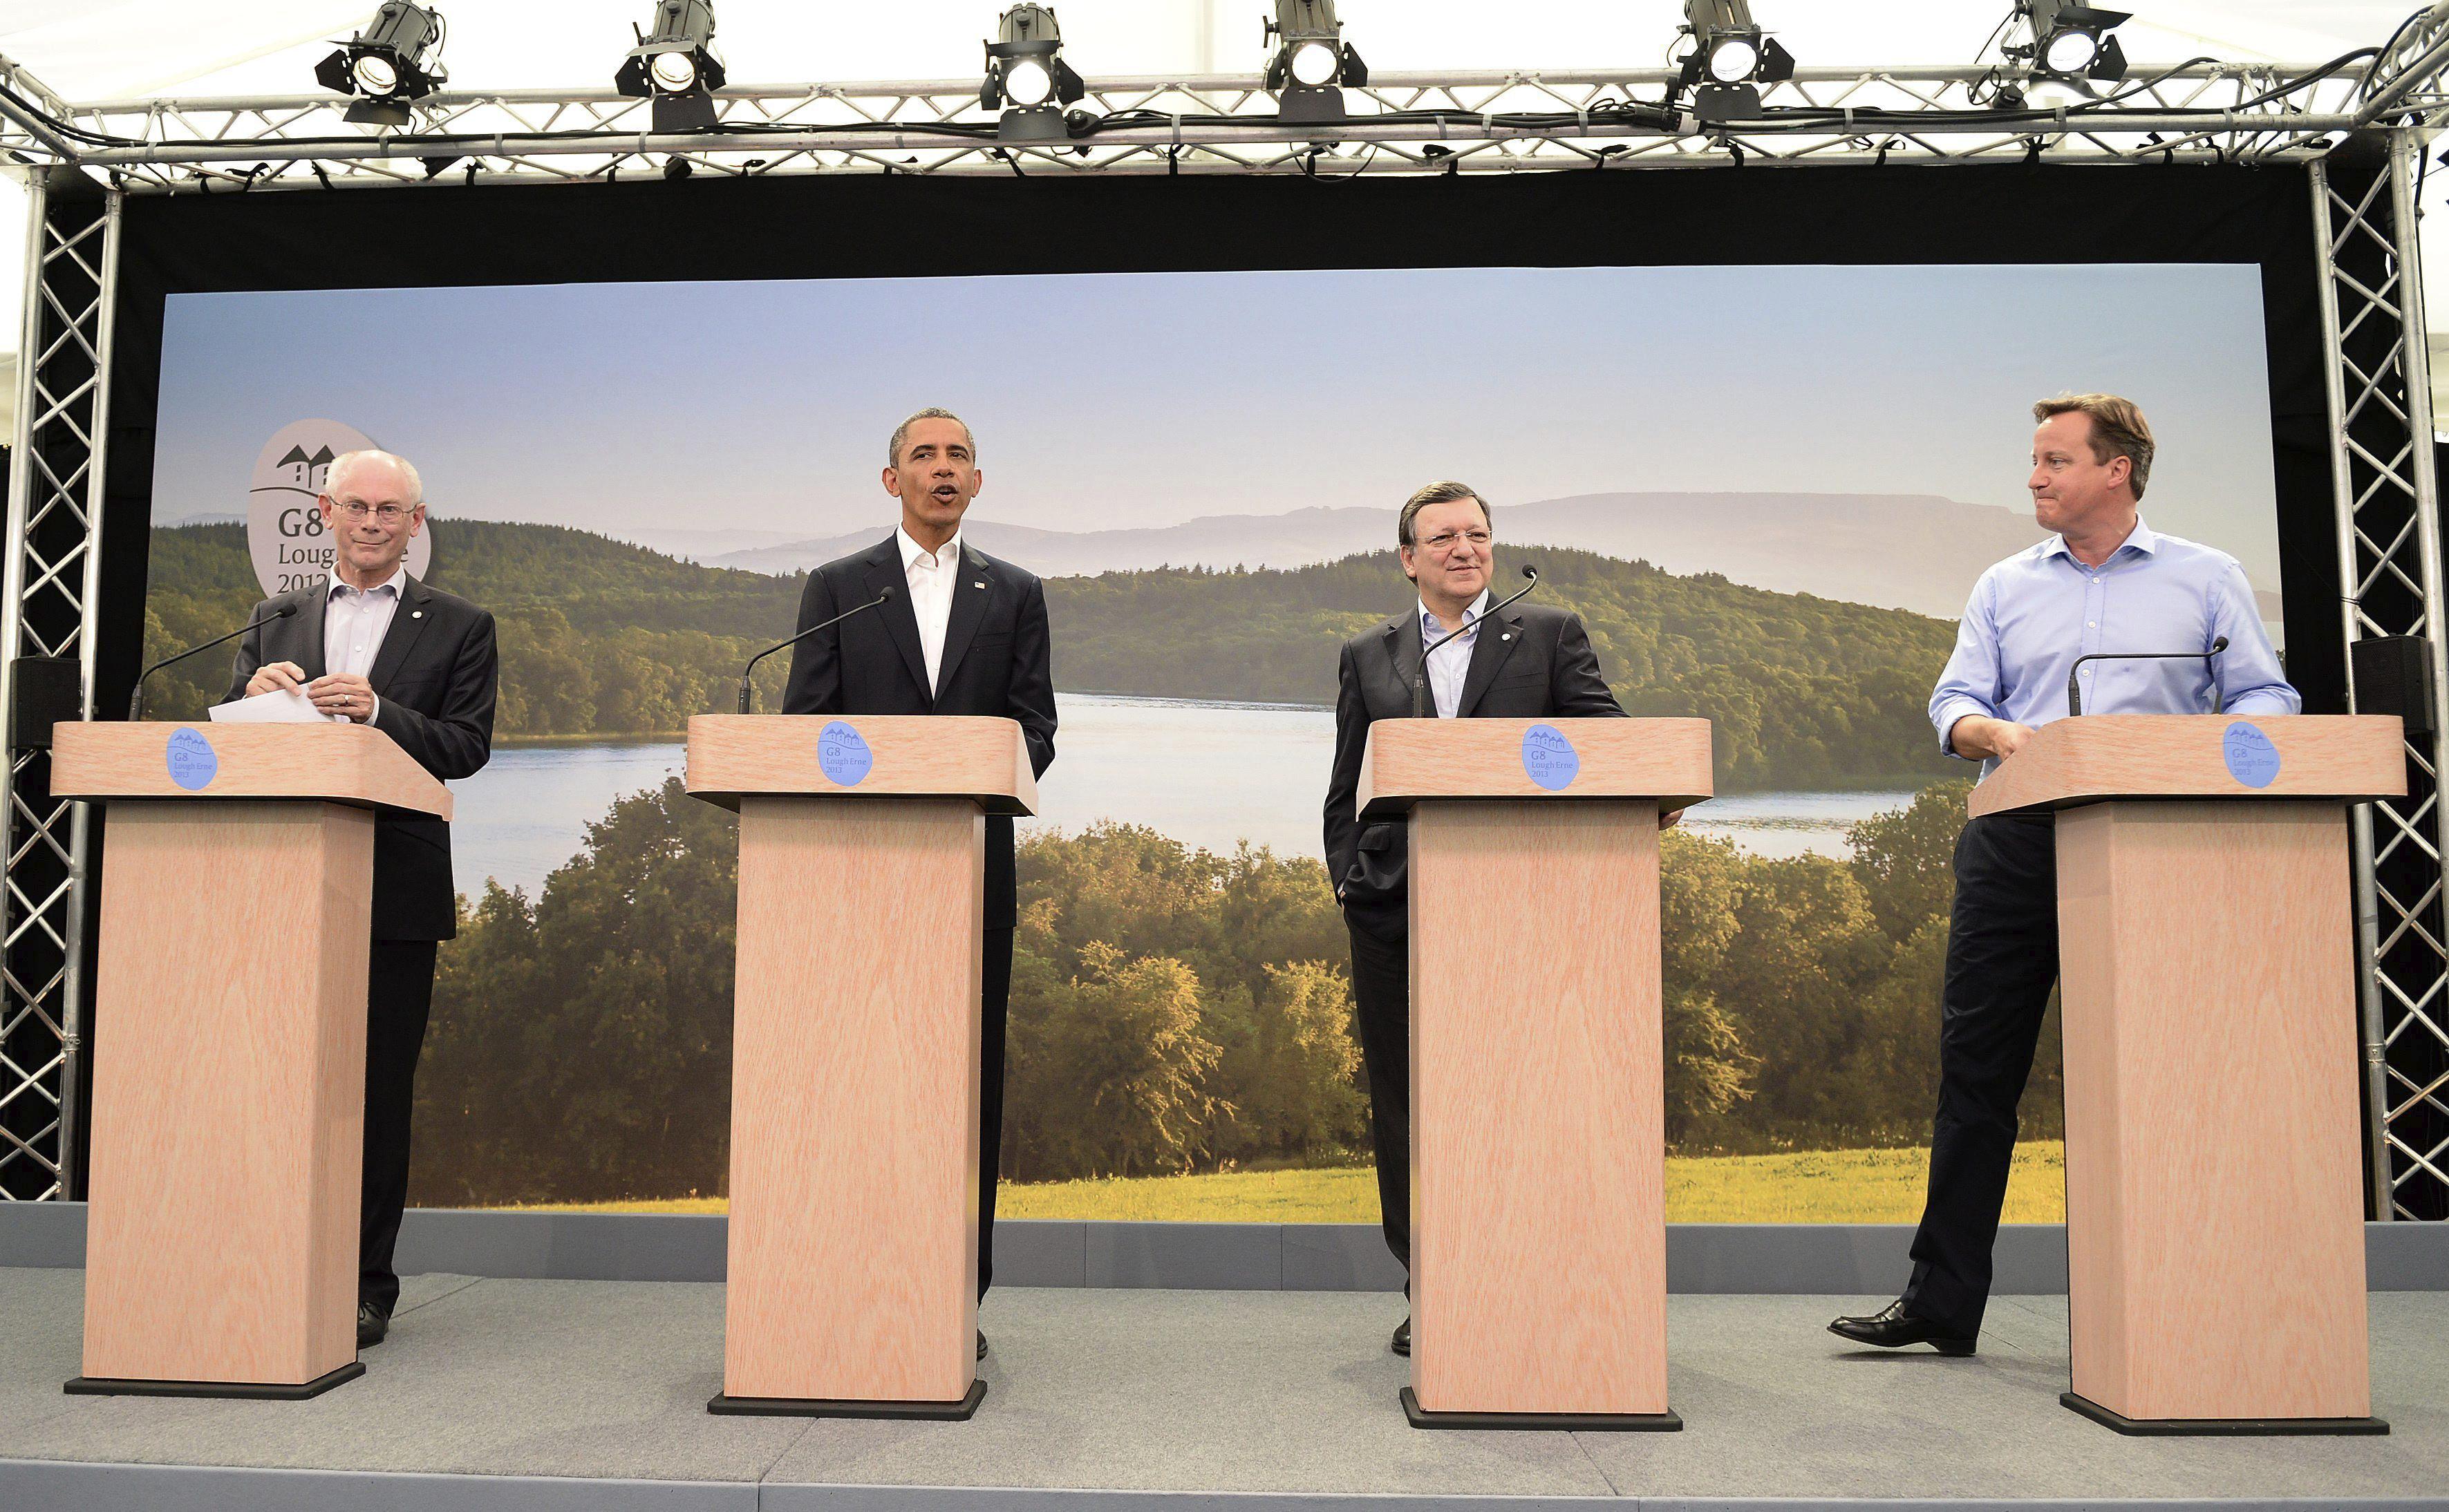 Los líderes del G8 prevén un crecimiento débil de la economía